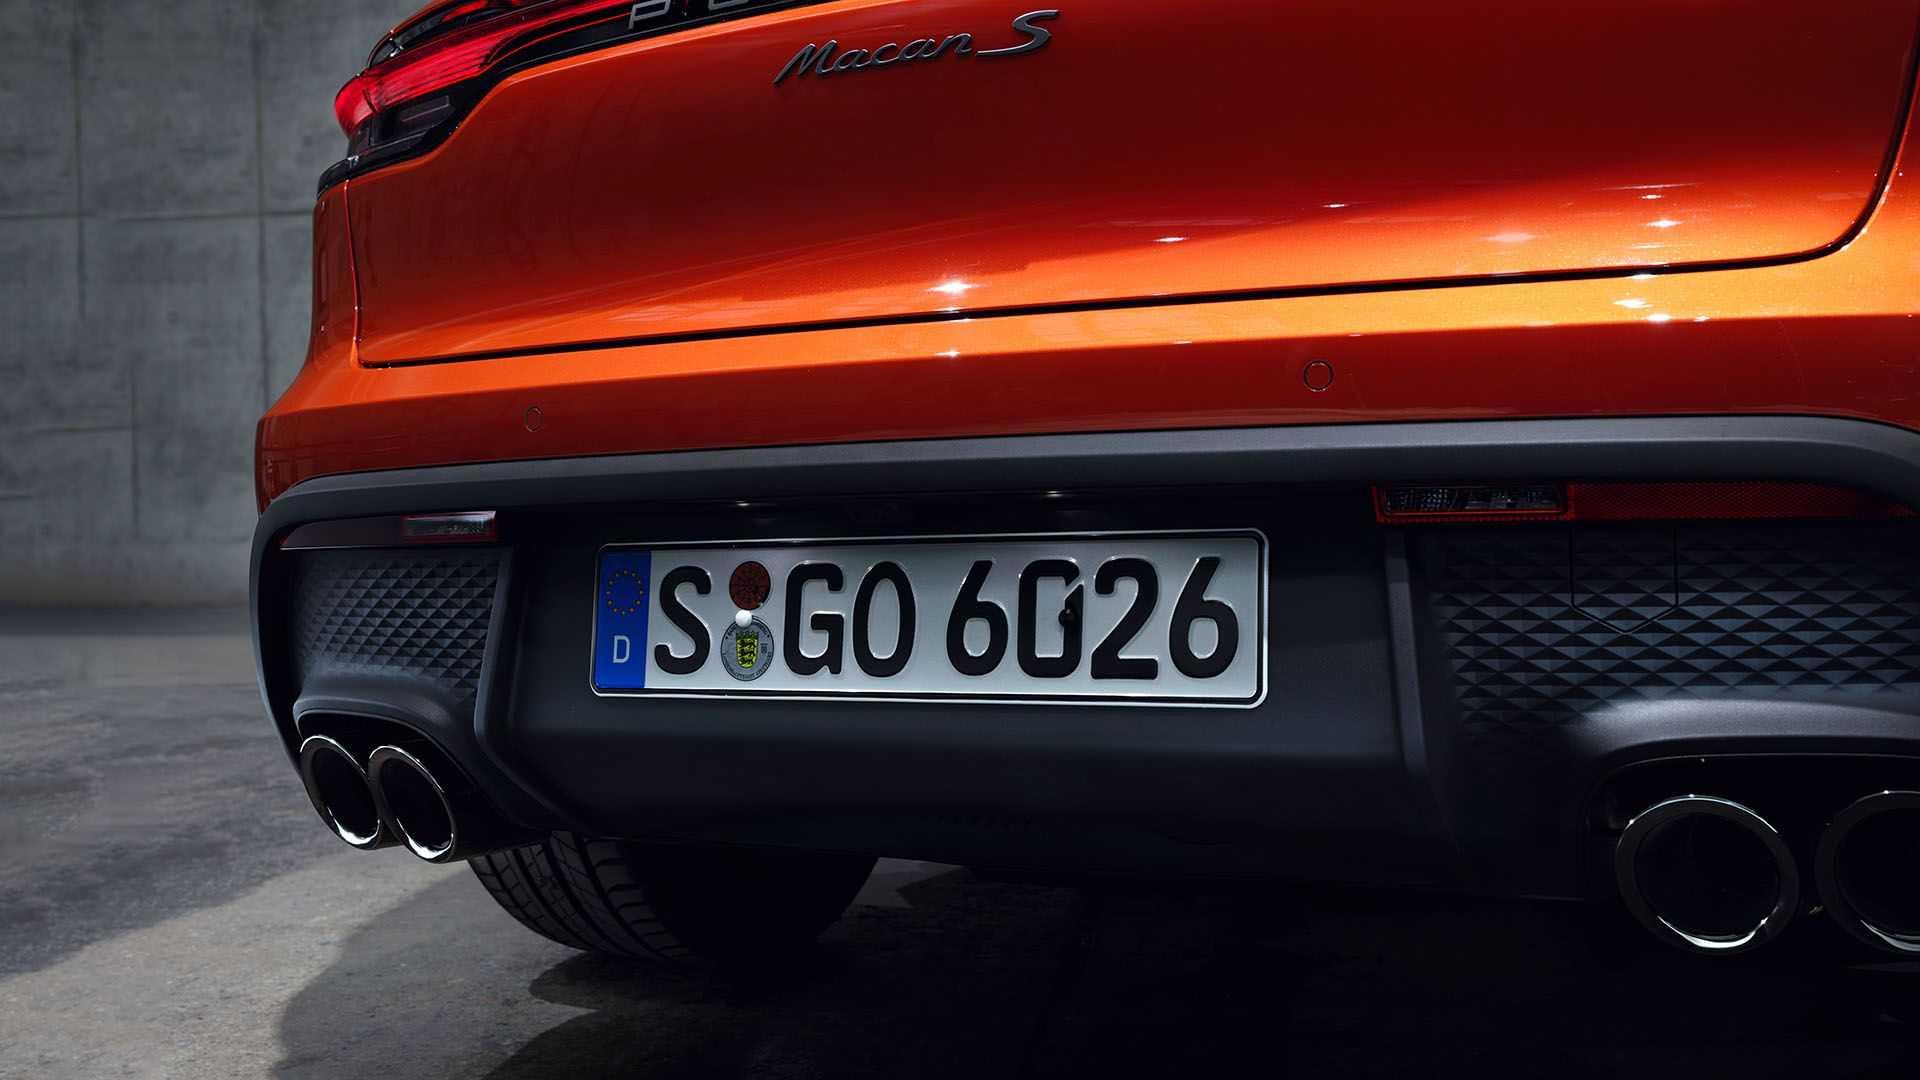 Spalinowe odmiany Porsche Macana prawdopodobnie znikną w 2024 roku